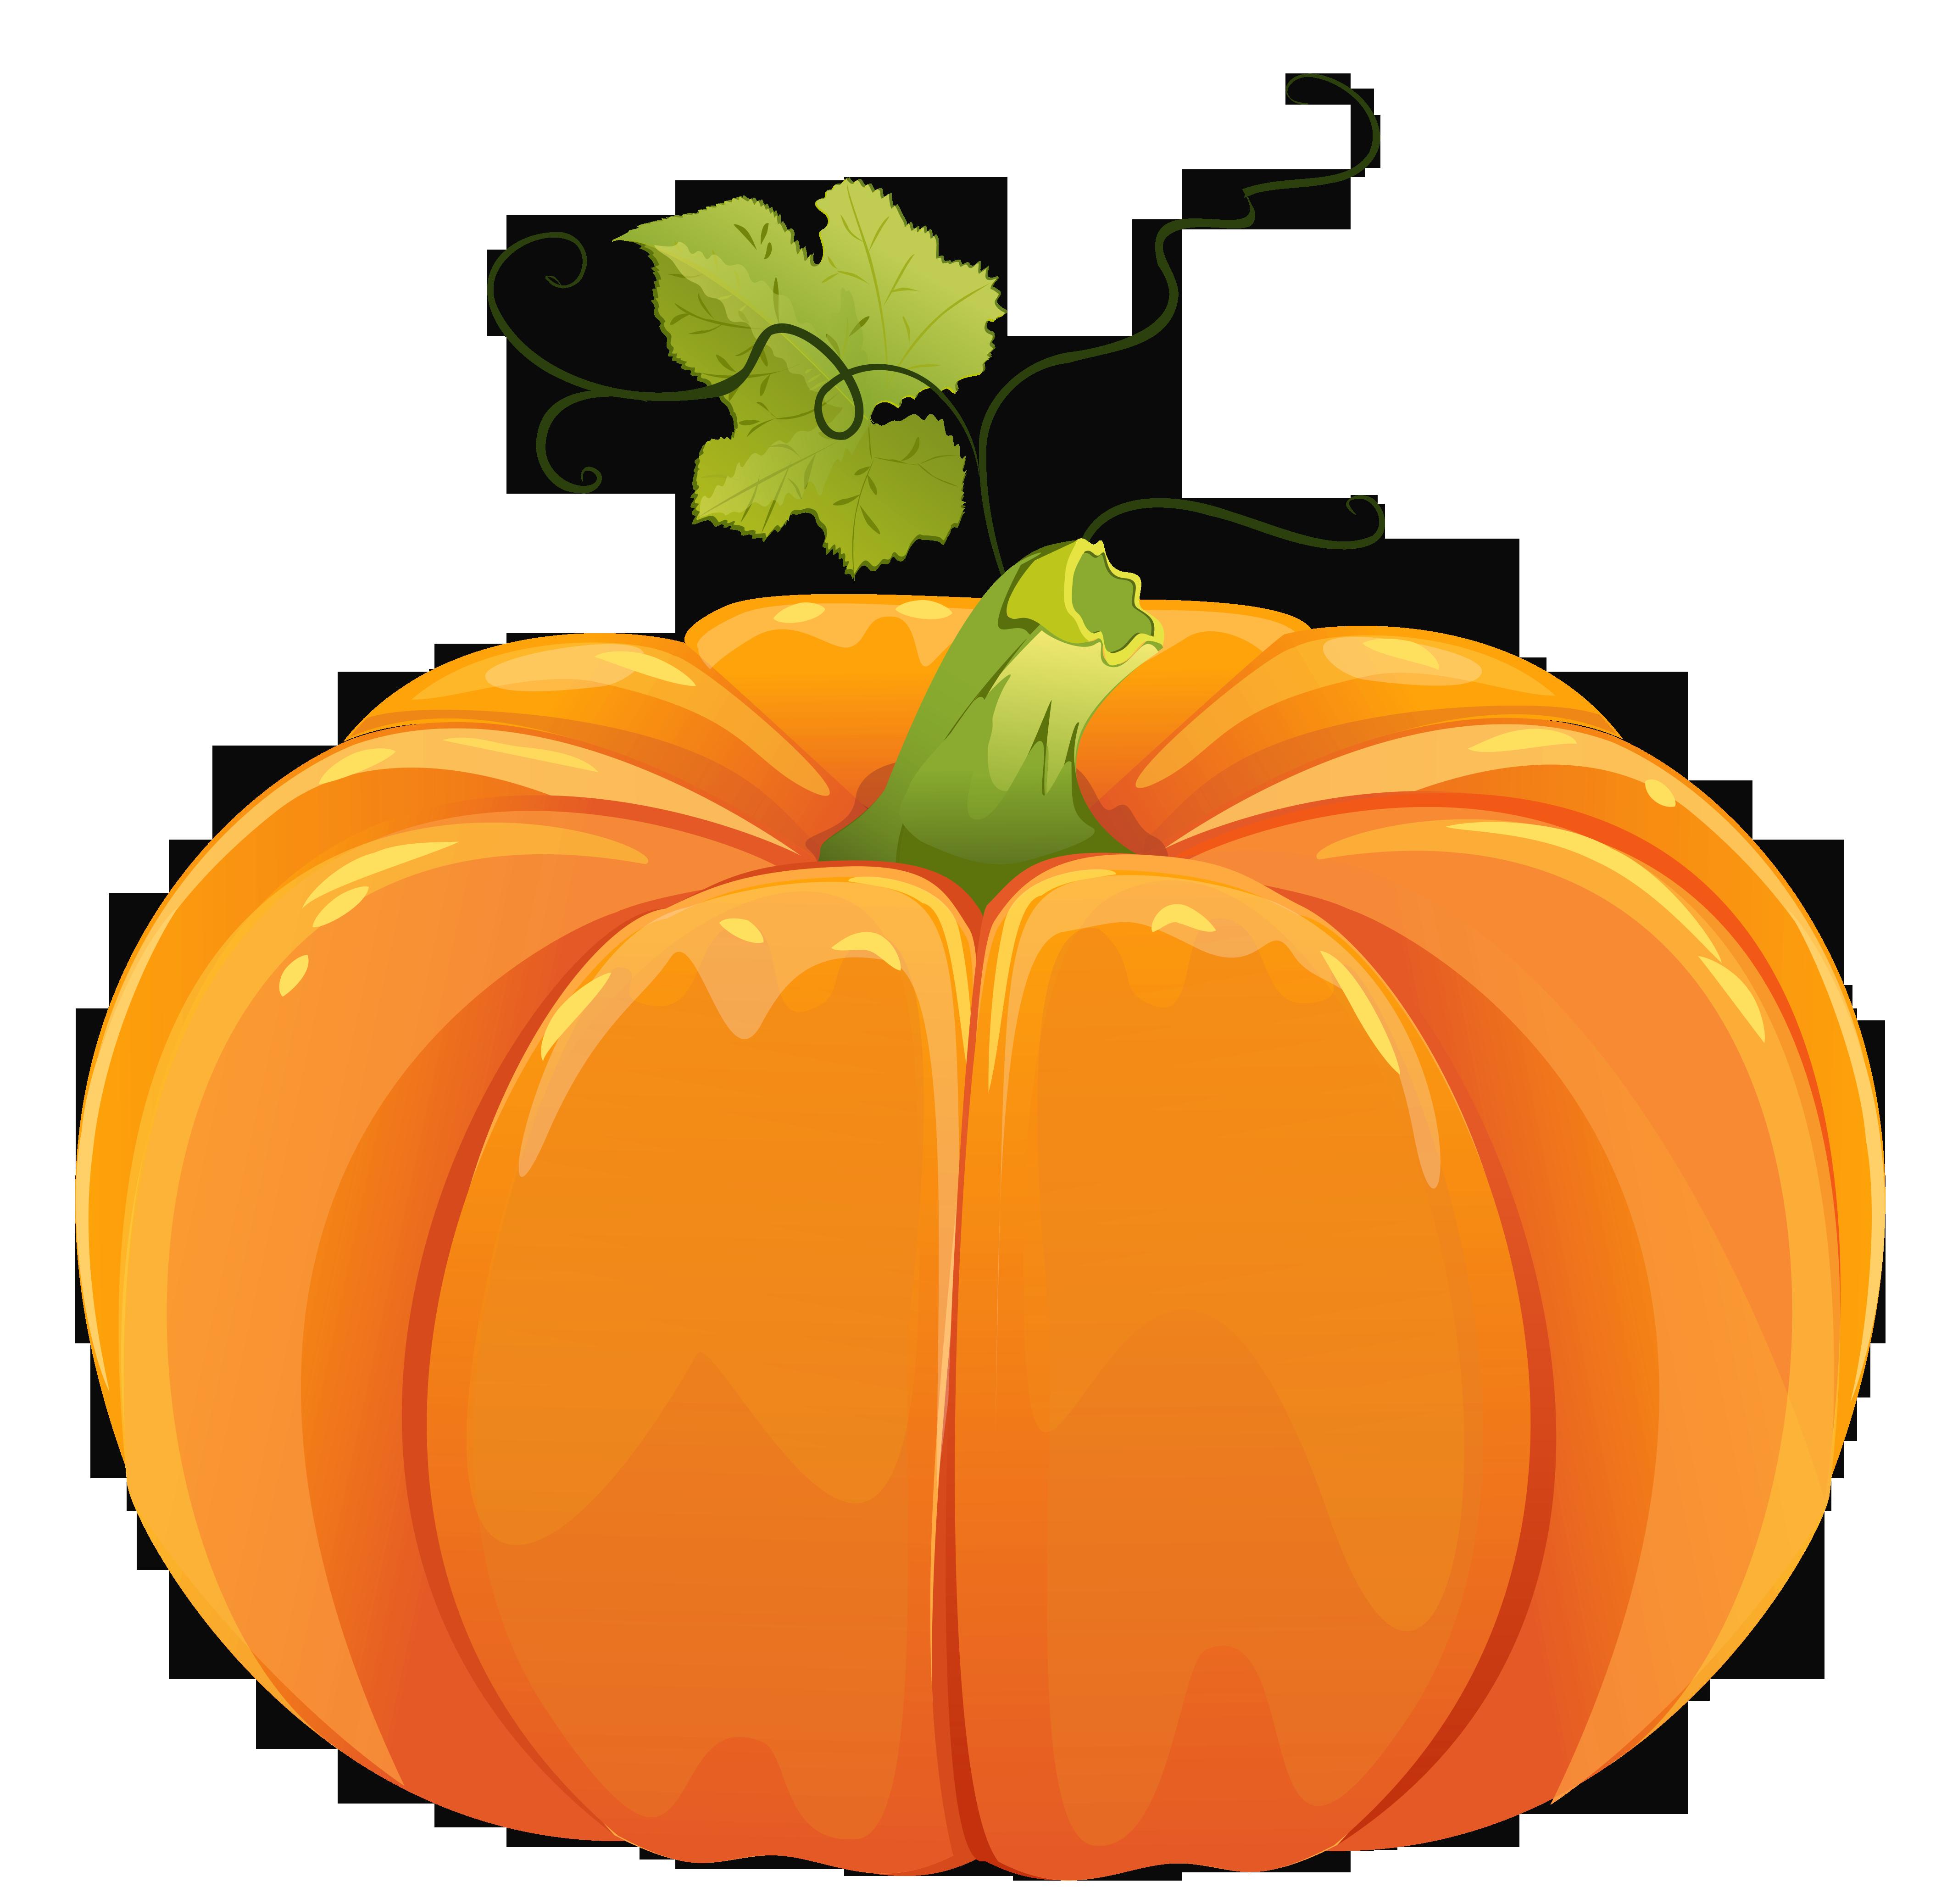 banner Pumpkin clipart. Autumn work pinterest png